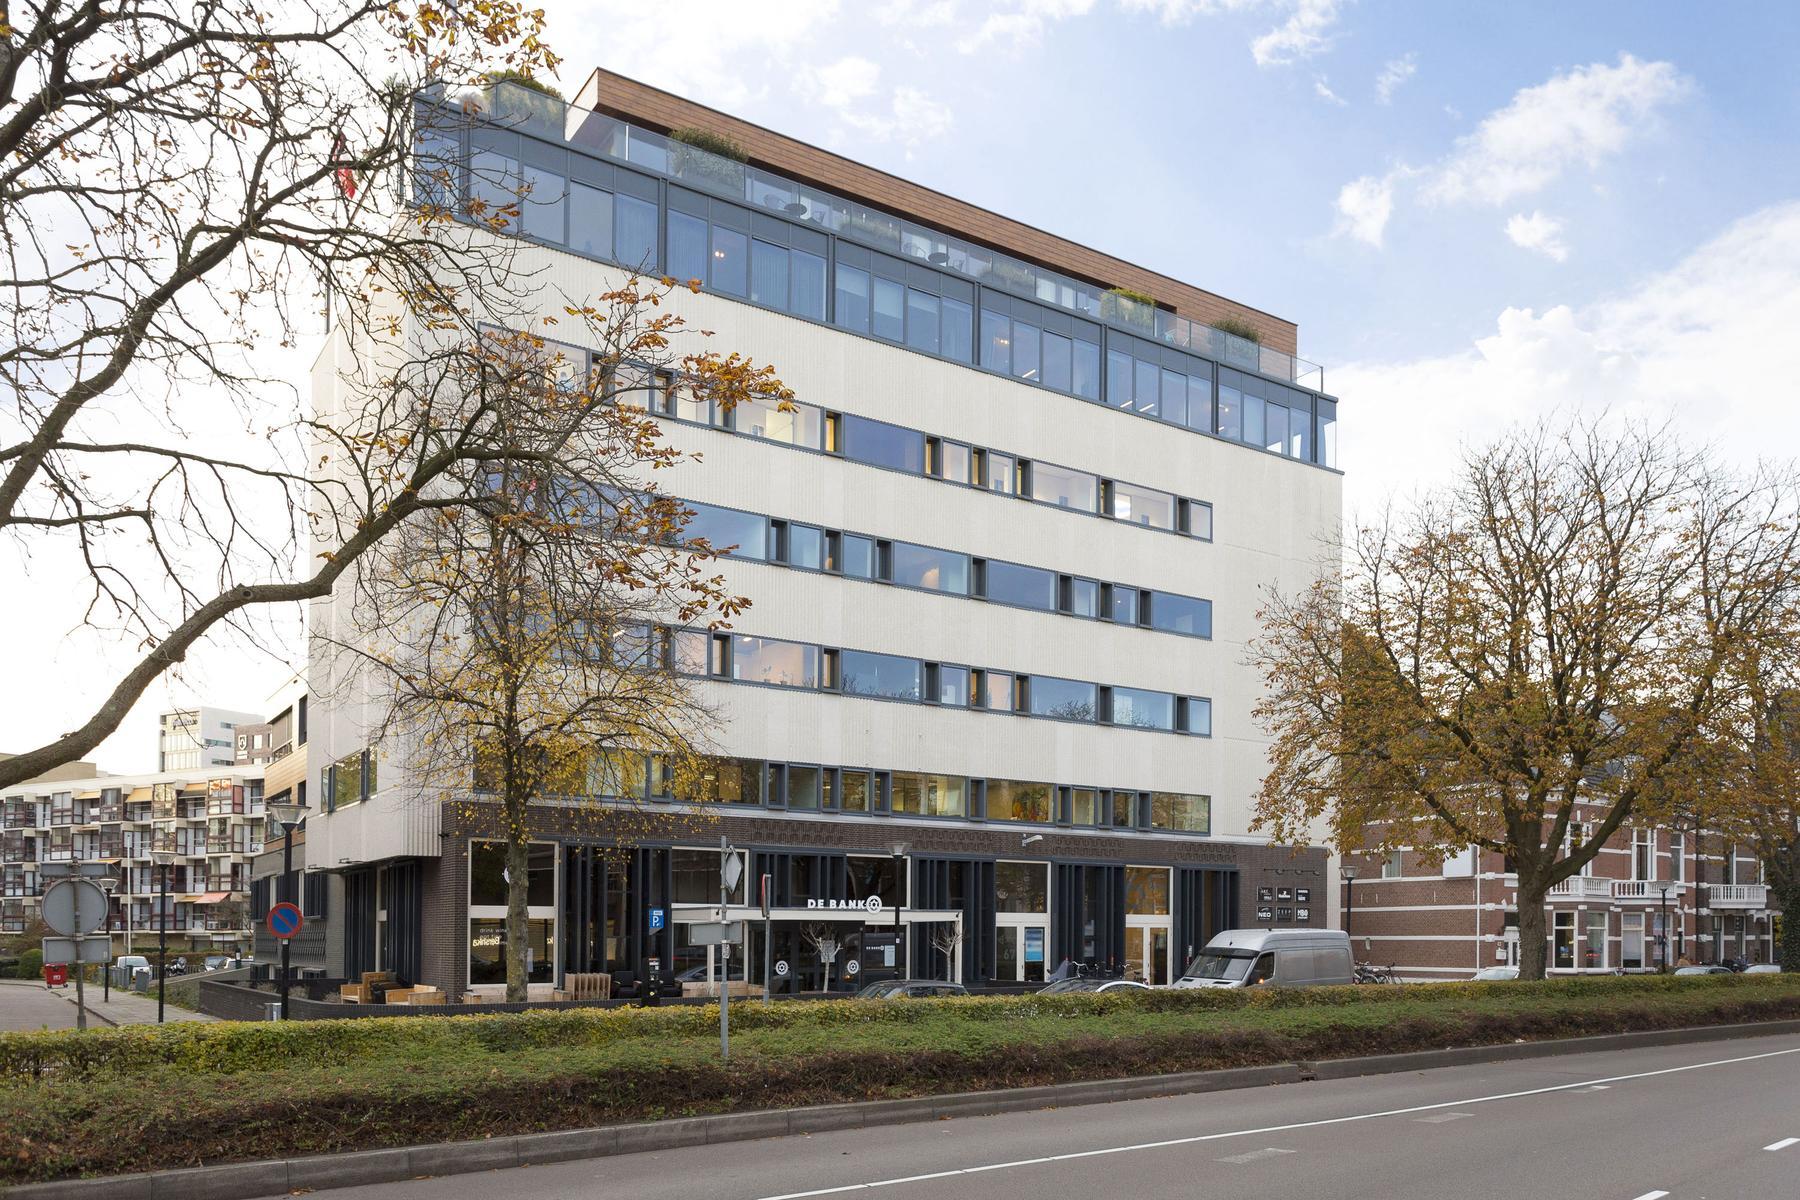 Te huur via Bedrijfsmakelaar ReBM Bedrijfsmakelaardij te Amersfoort de  Stadsring 67 Amersfoort. Het betreft kantoorruimte met industriële uitstraliing.